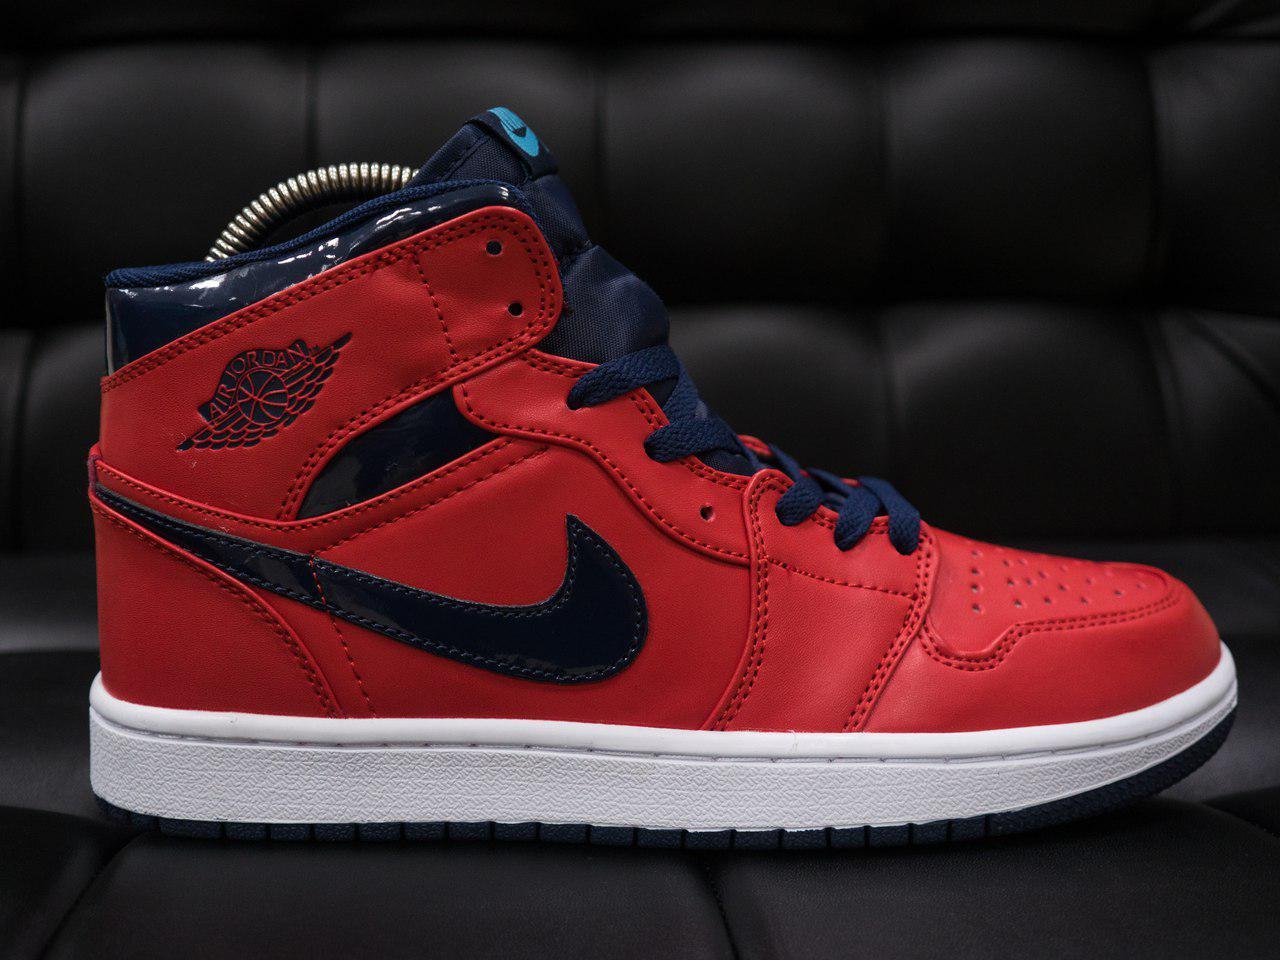 3005426a35d3 Мужские кроссовки Nike Air Jordan Retro (в стиле Найк Аир Джордан) красные  - Мультибрендовый